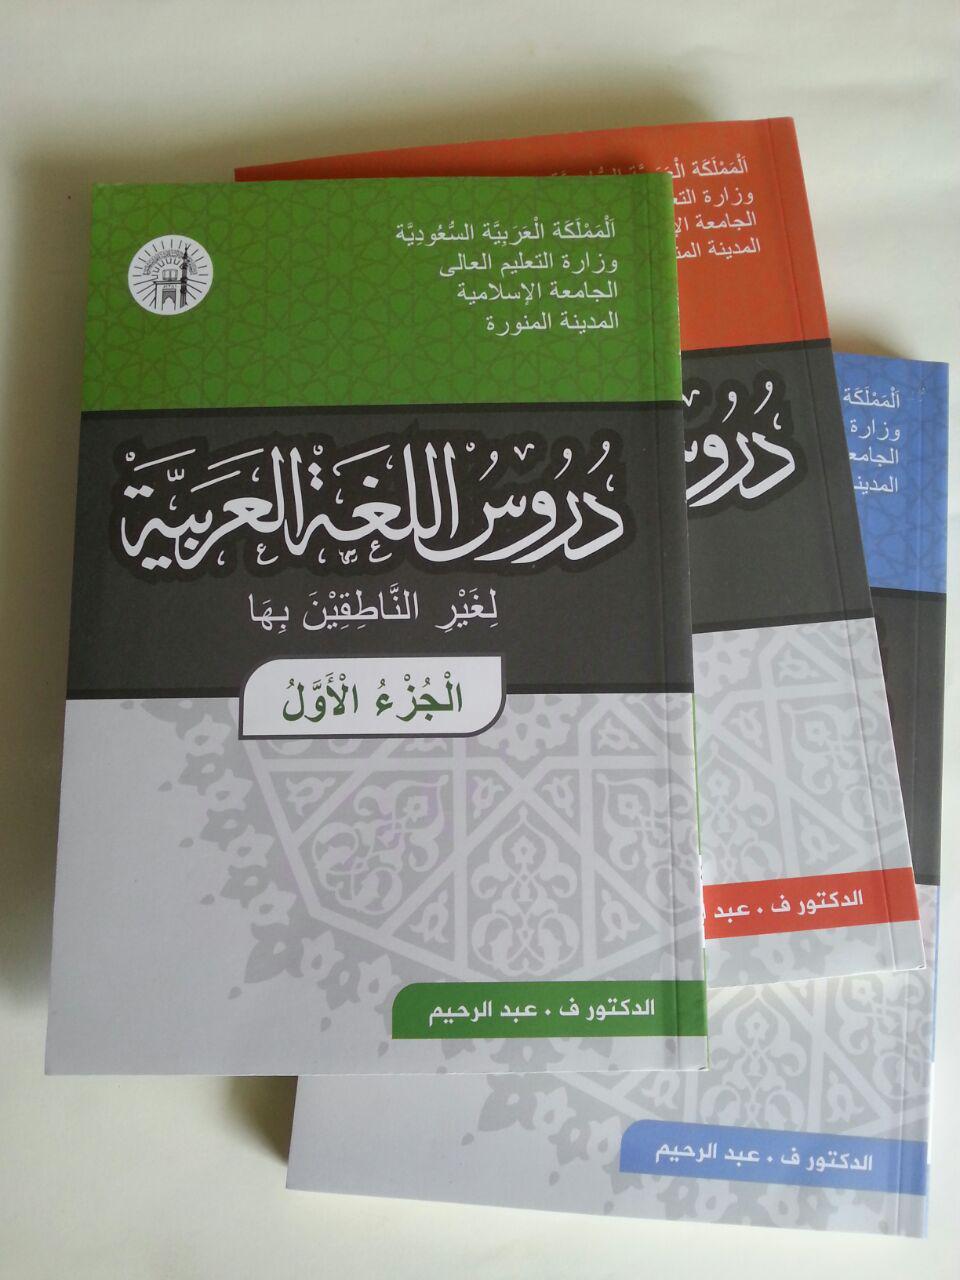 Kitab Durusul Lughoh Al-Arabiyyah Li Ghoirin Nathiqin Biha Set cover 3